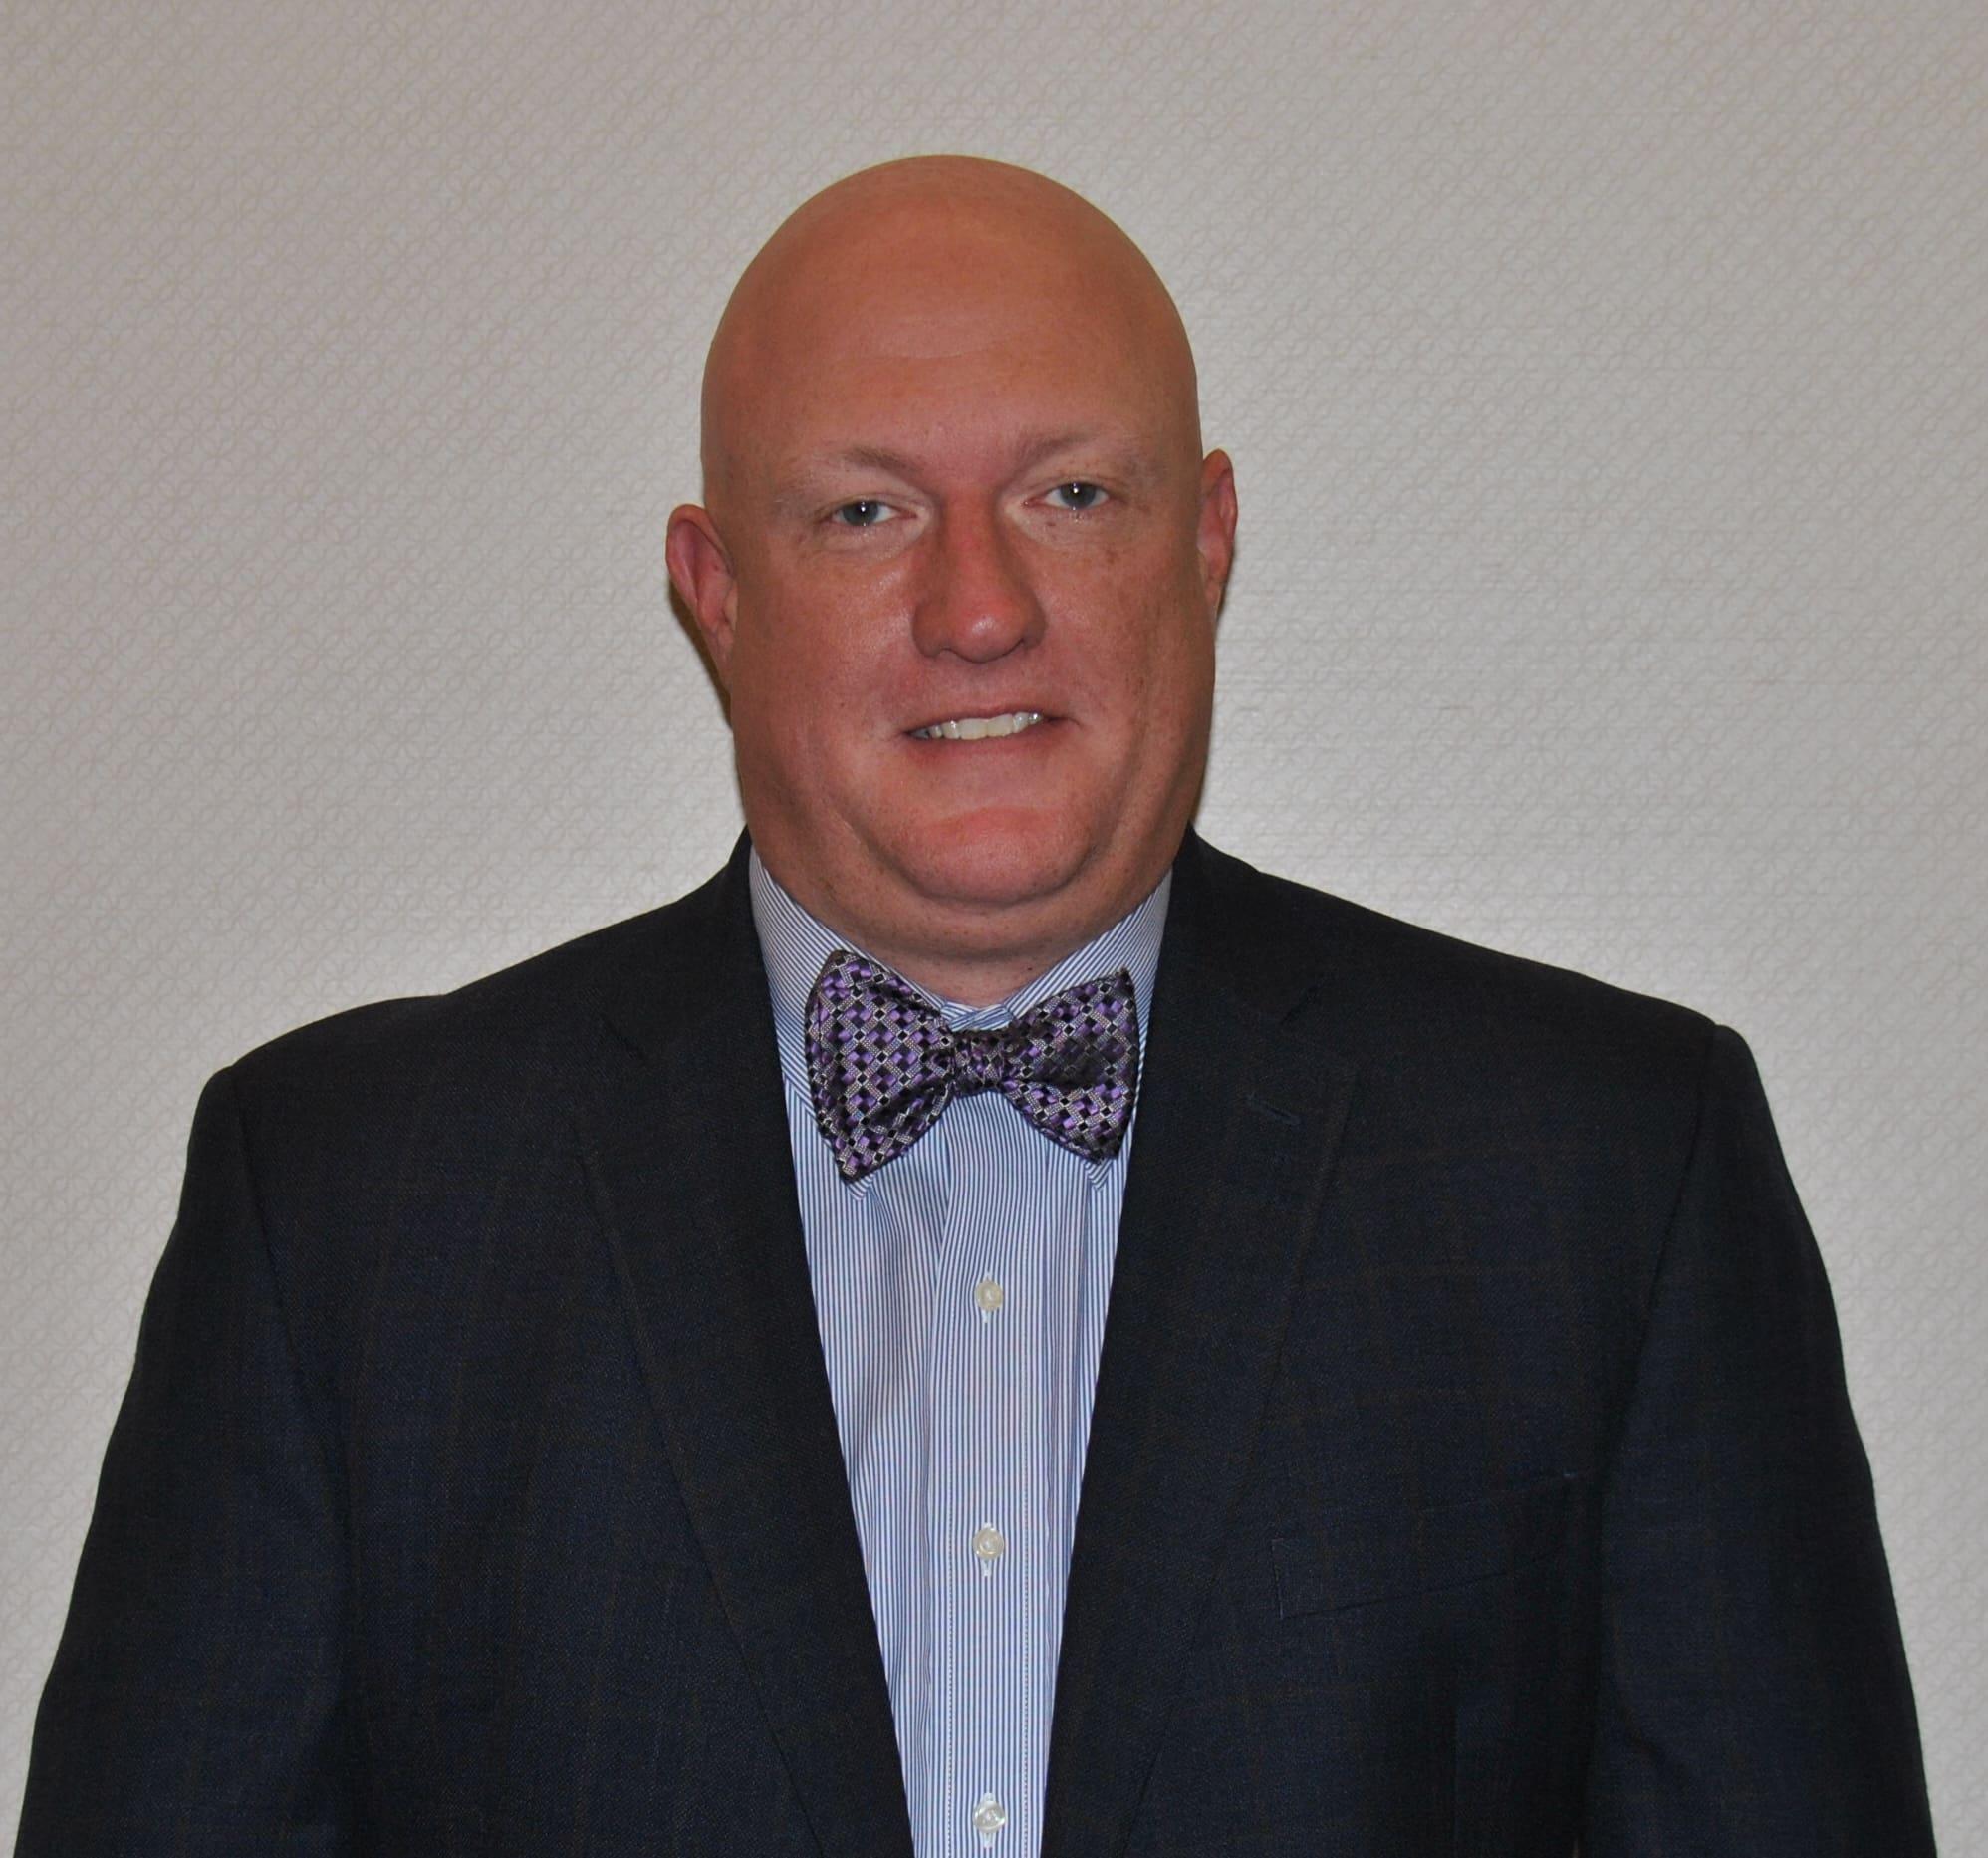 Brent Fike, Board Member